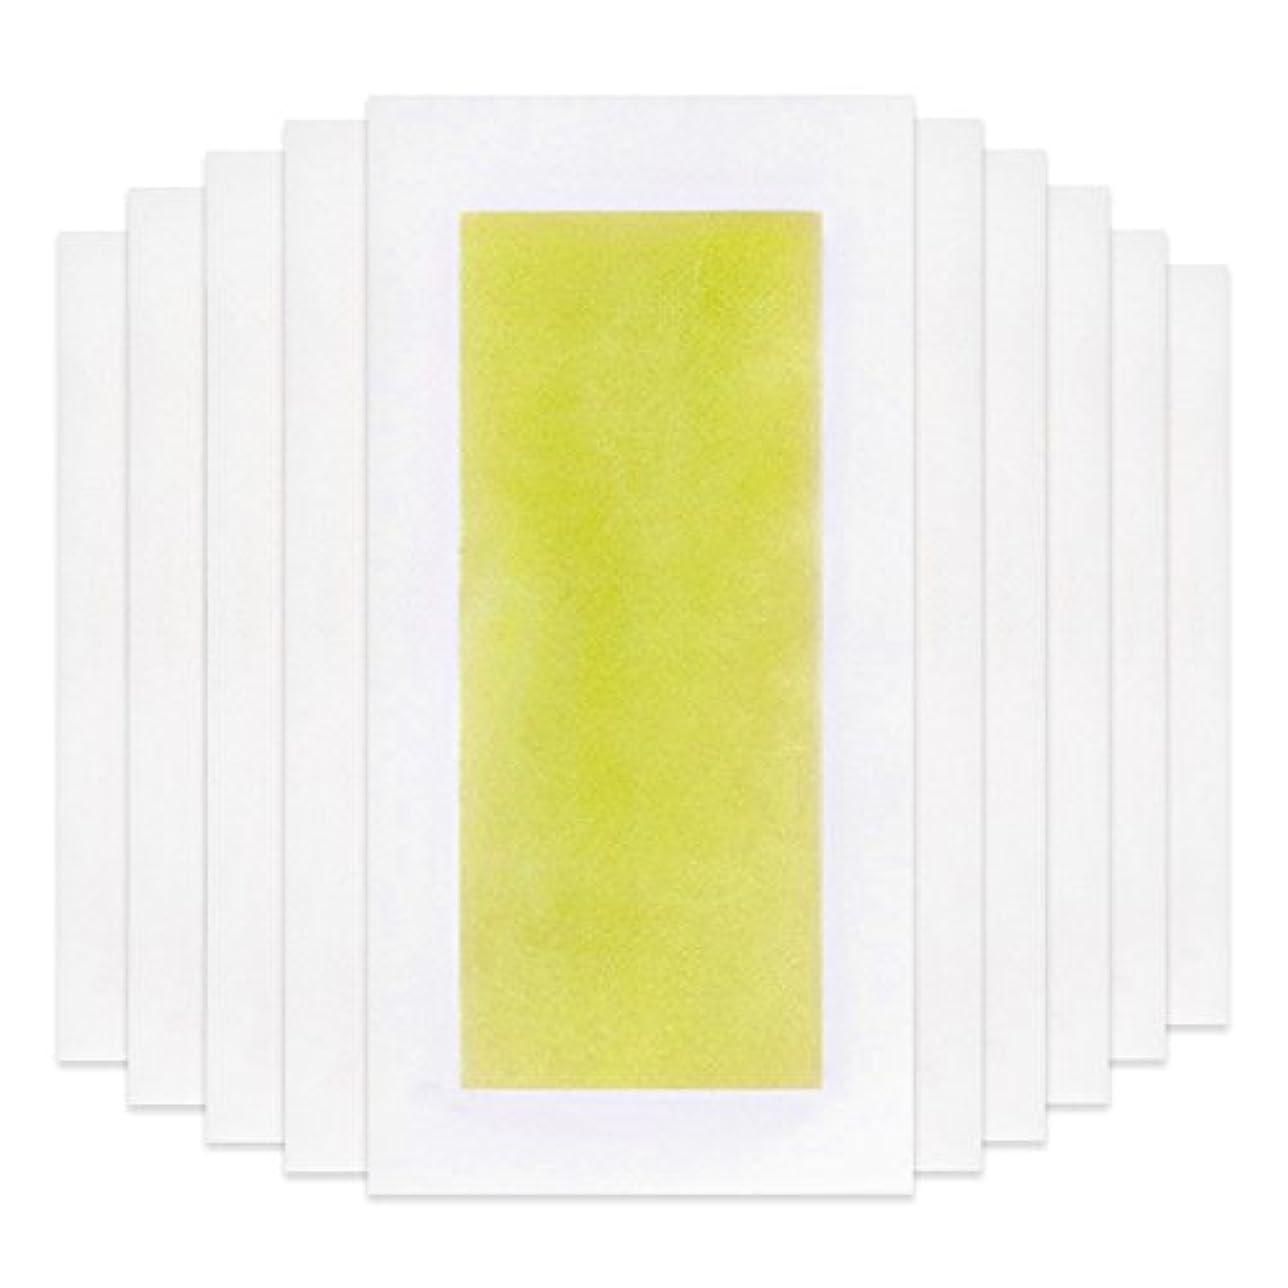 付添人剥ぎ取る目を覚ますRabugoo 脚の身体の顔のための10個のプロフェッショナルな夏の脱毛ダブルサイドコールドワックスストリップ紙 Yellow